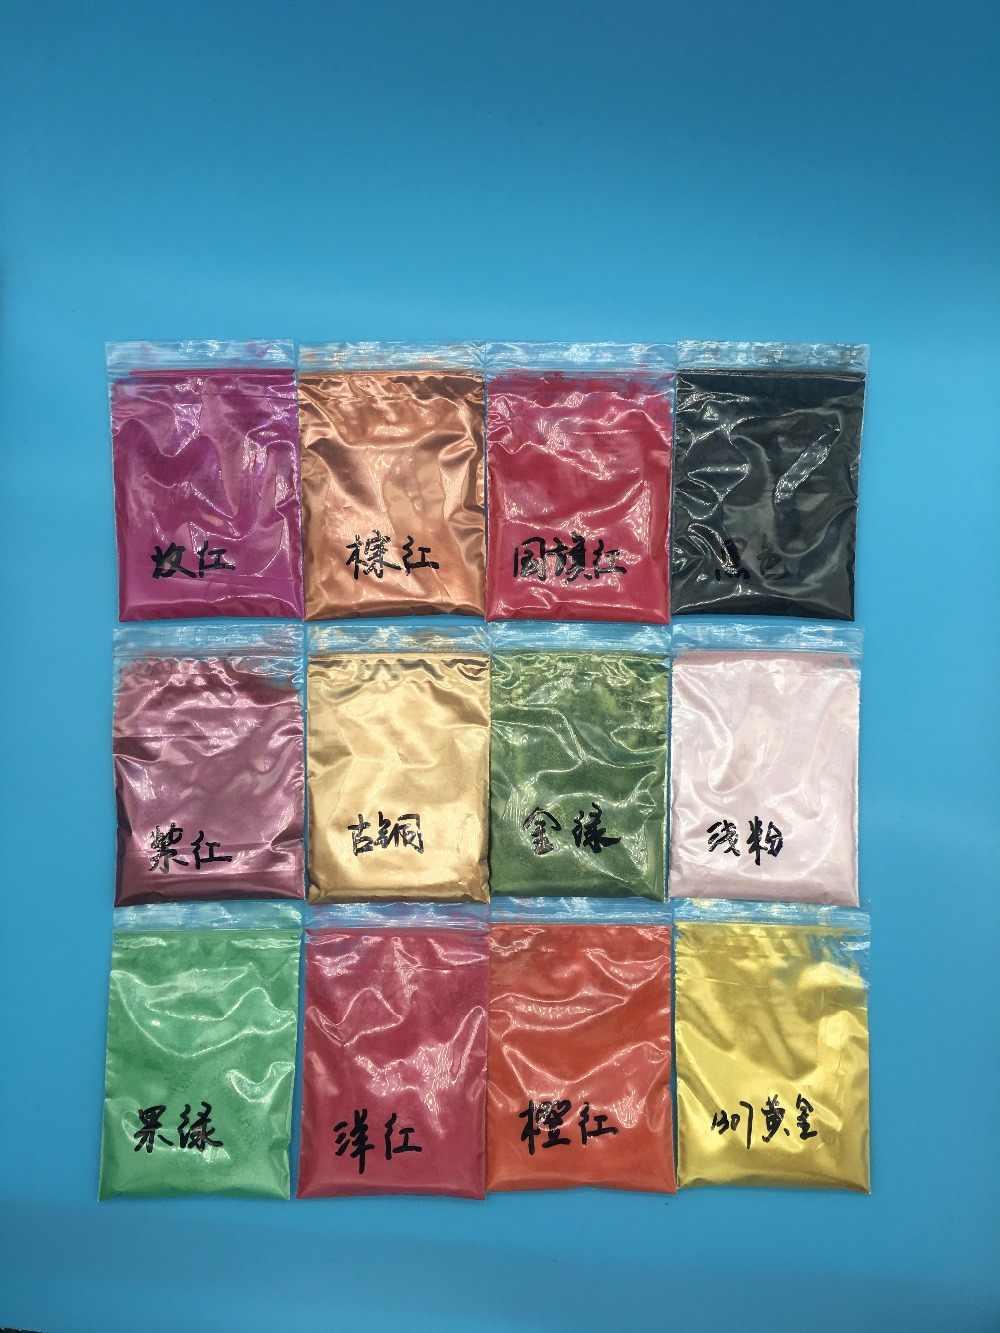 Moda Girişim altın yeşil Renk Sedefli pigment, inci cilası pigment, Mika Tozu DIY Tırnak Tasarım, Oje